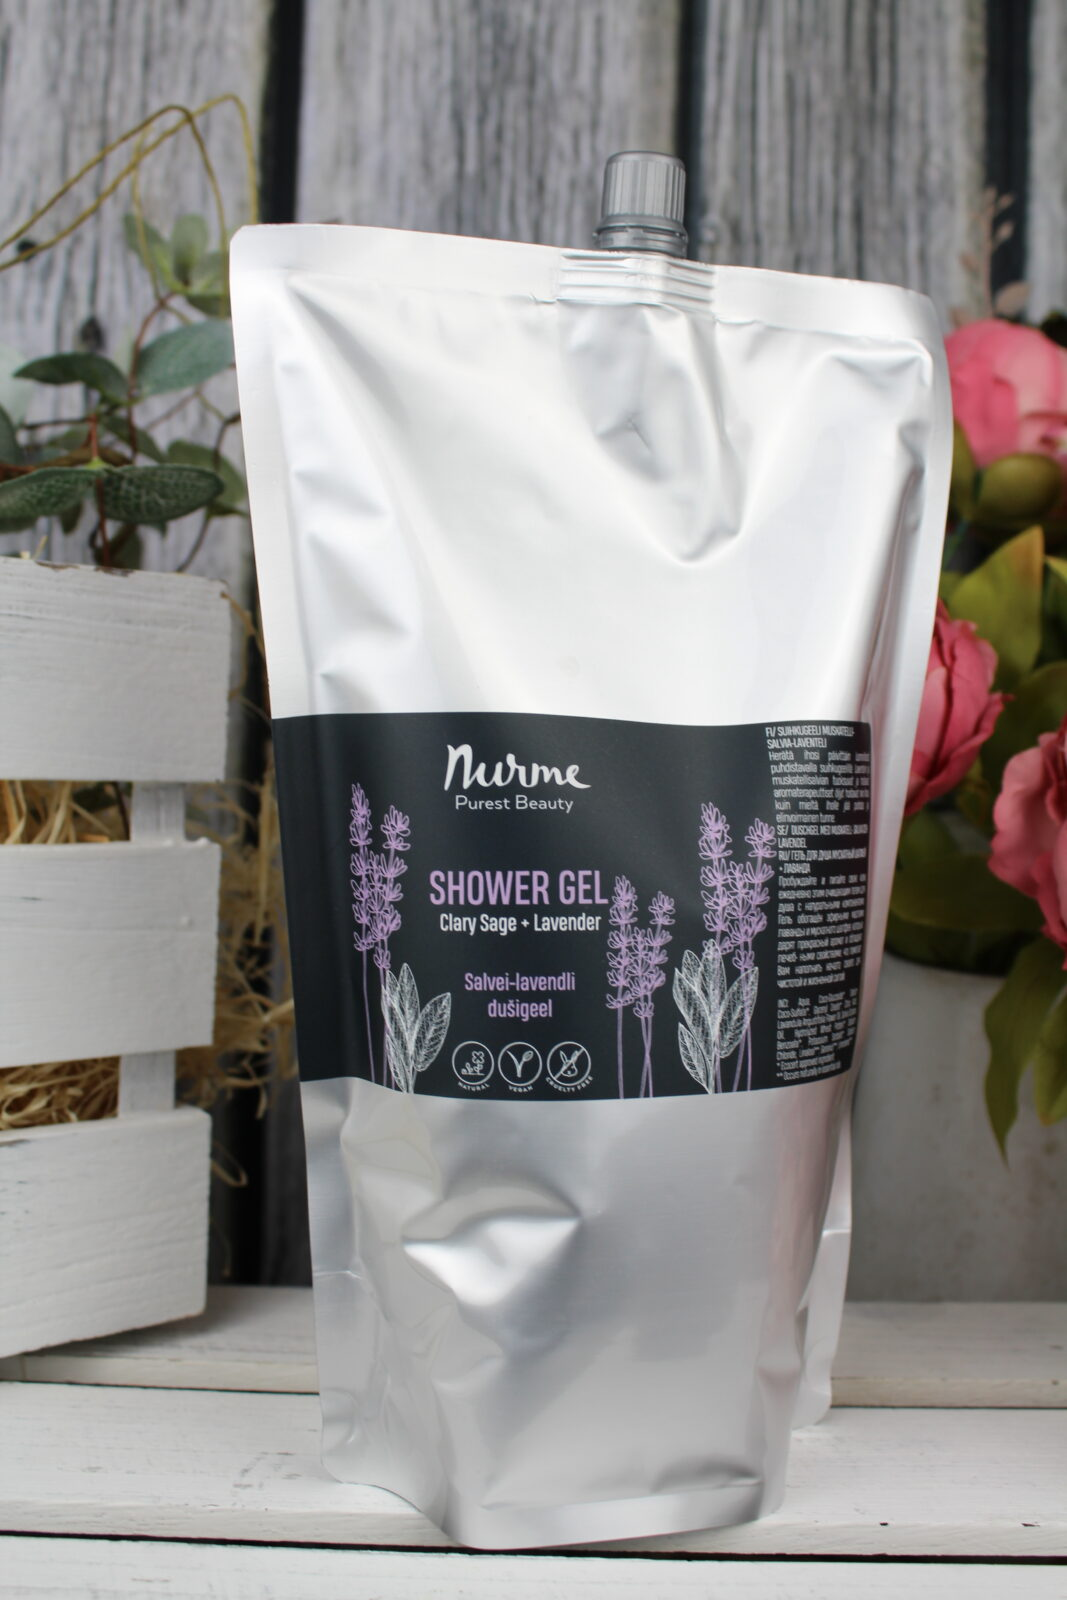 Nurme looduslik dušigeel lavendel ja salvei täitepakend